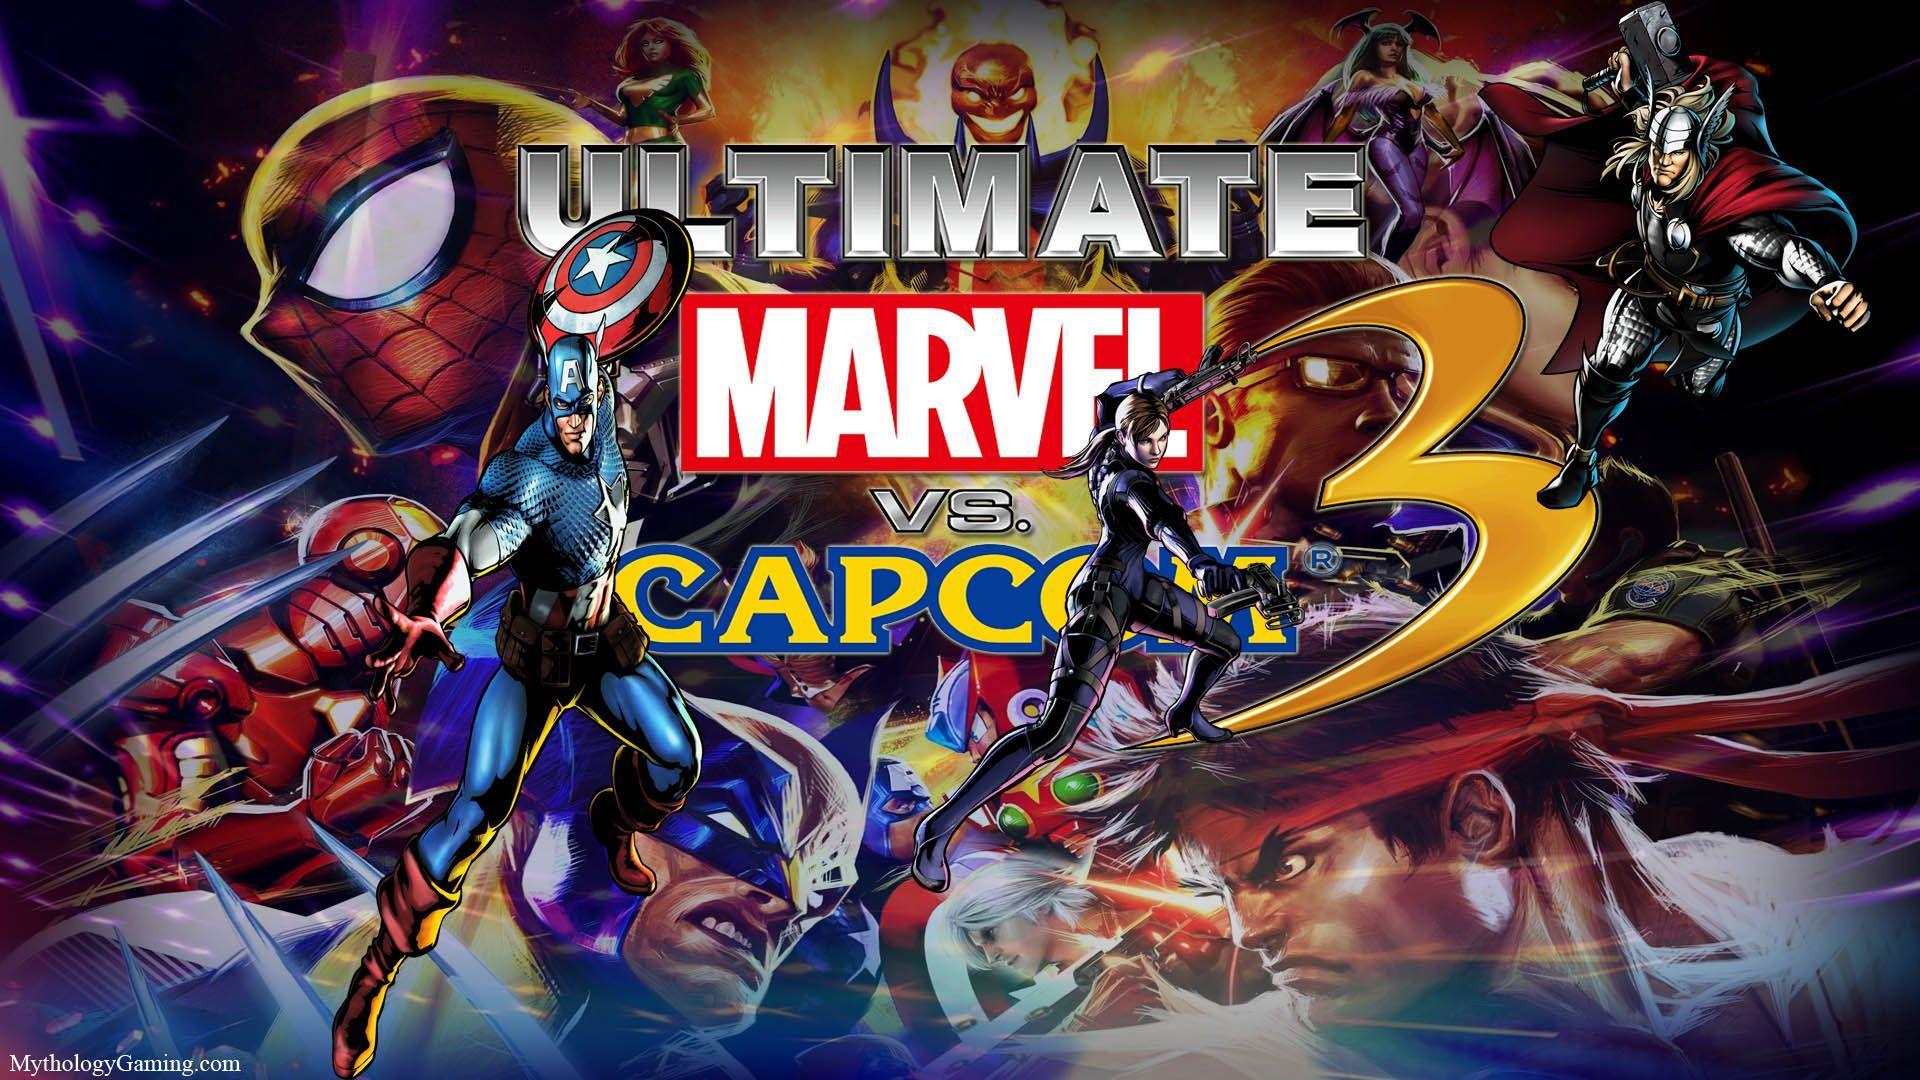 Marvel Vs Capcom 3 Hd Wallpapers Wallpaper Cave